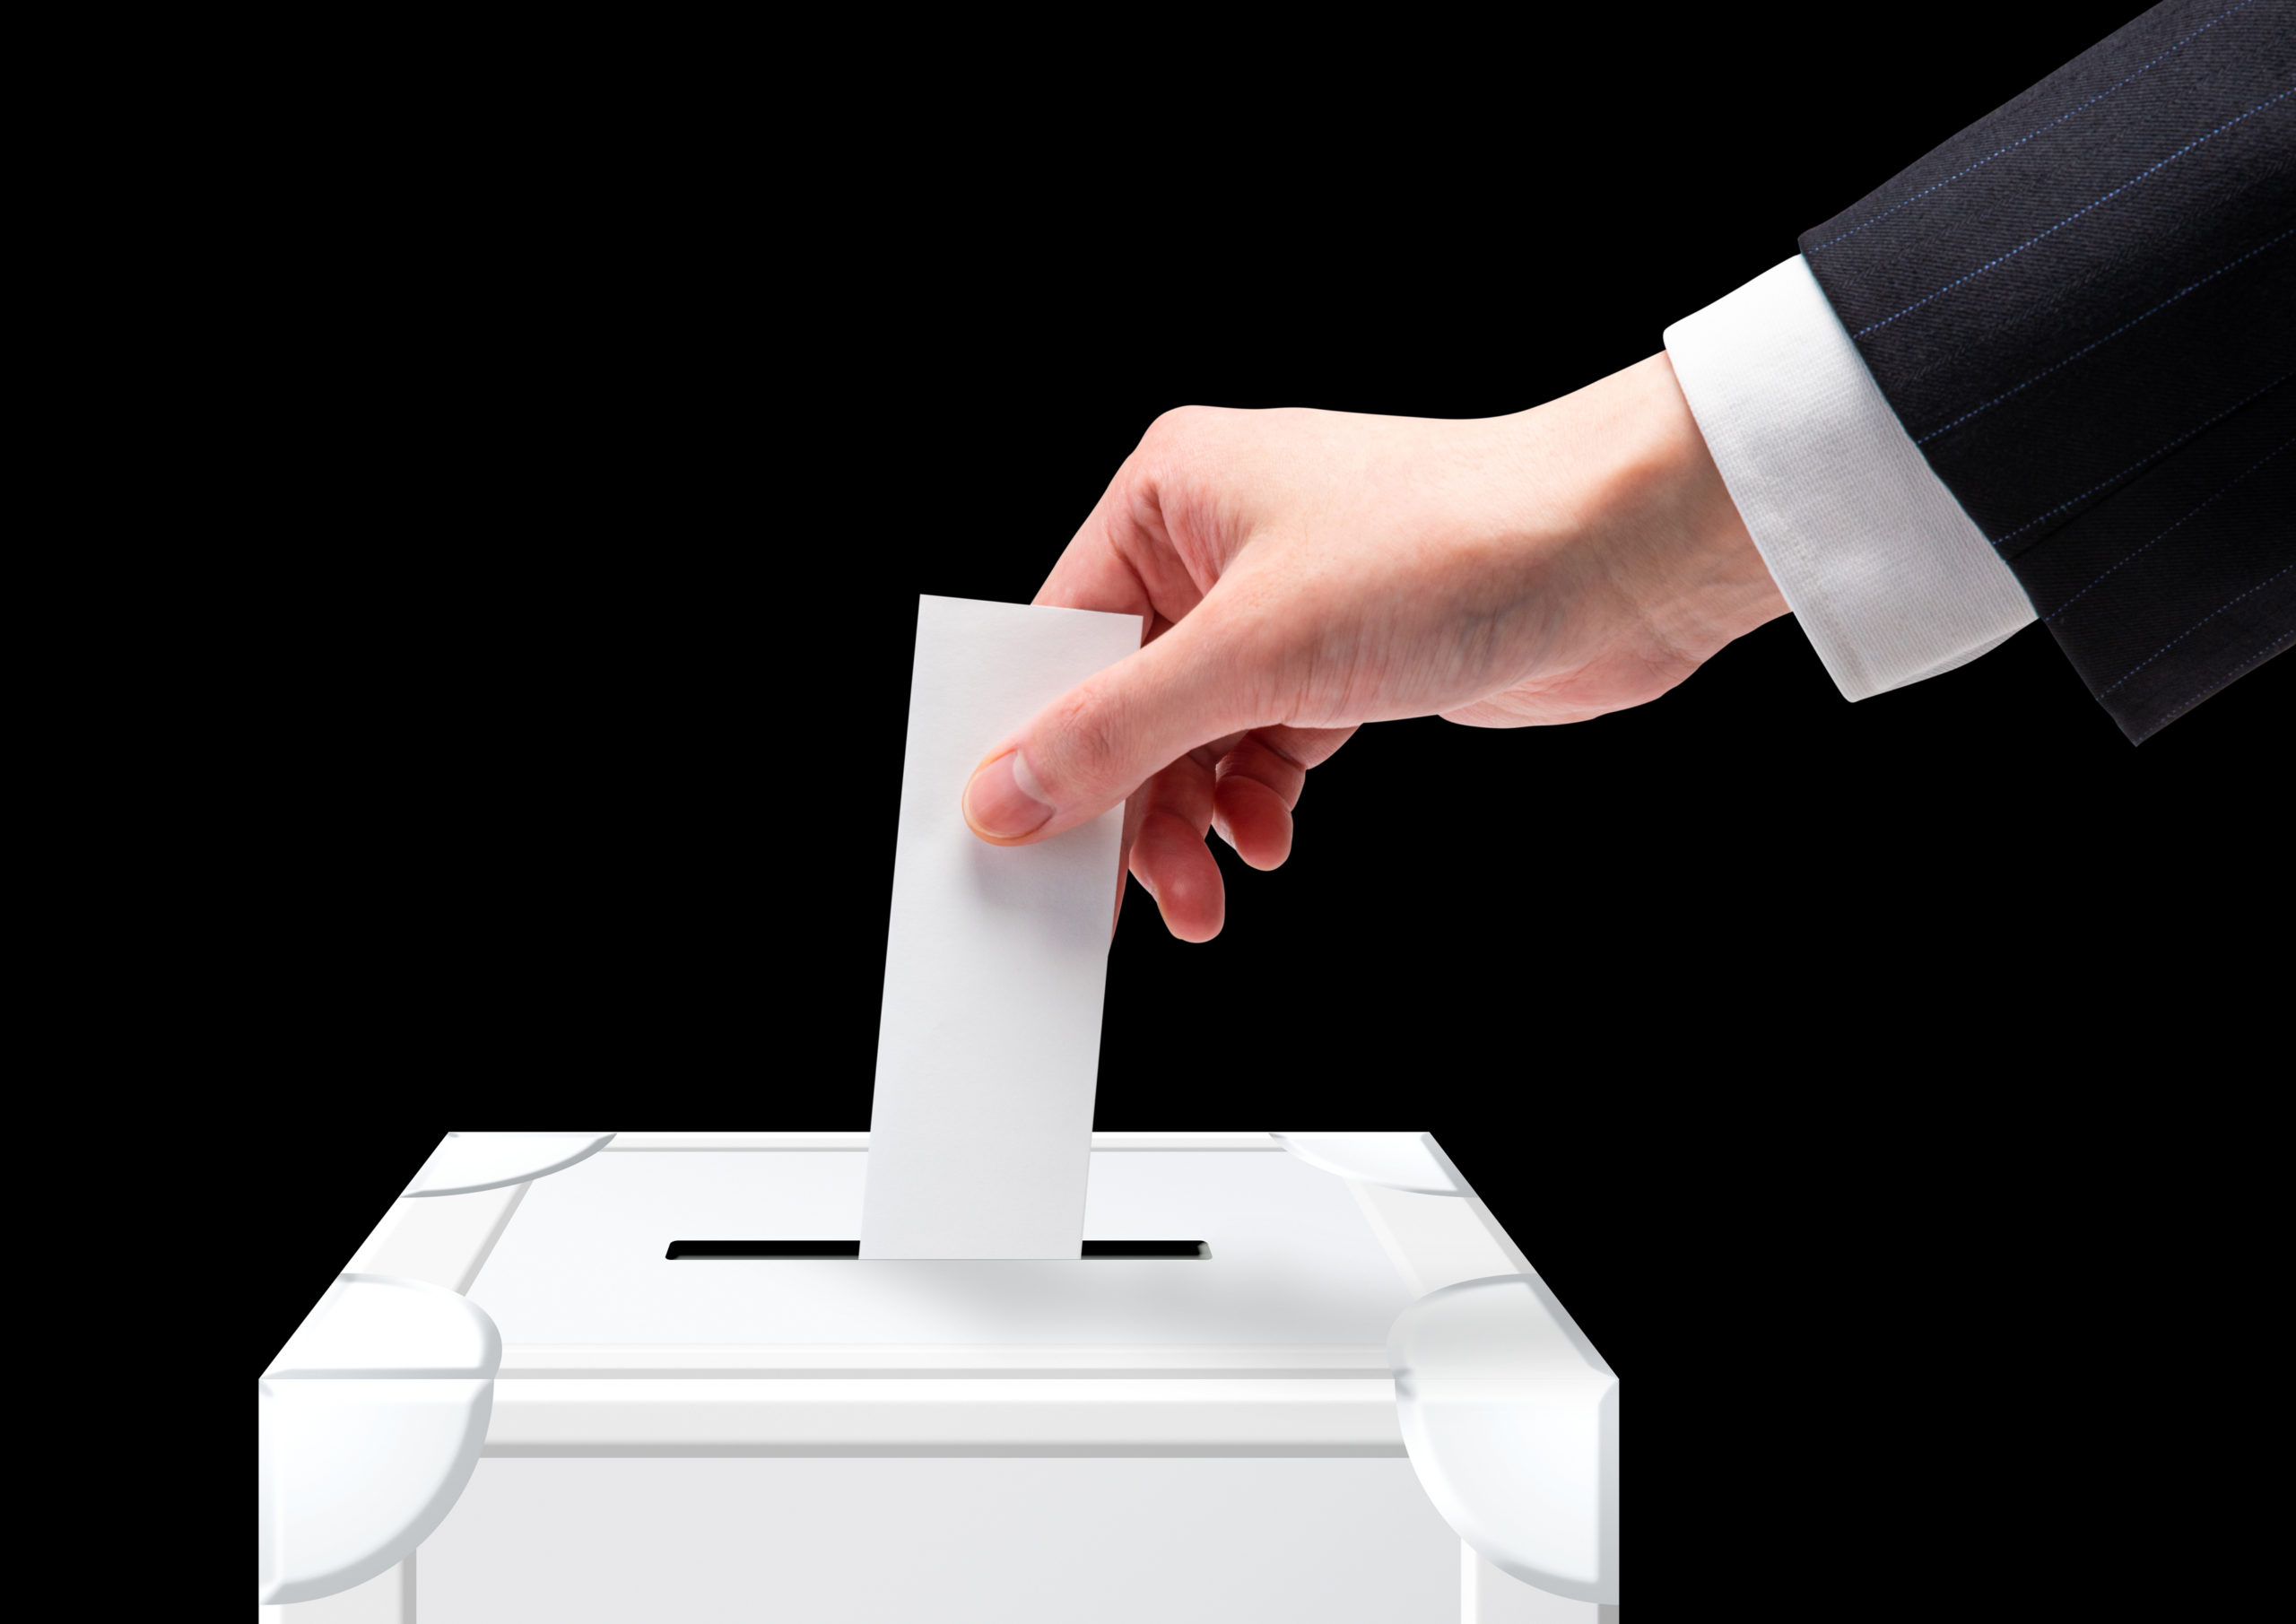 国内・海外における収入と投票率の相関関係とインターネット投票